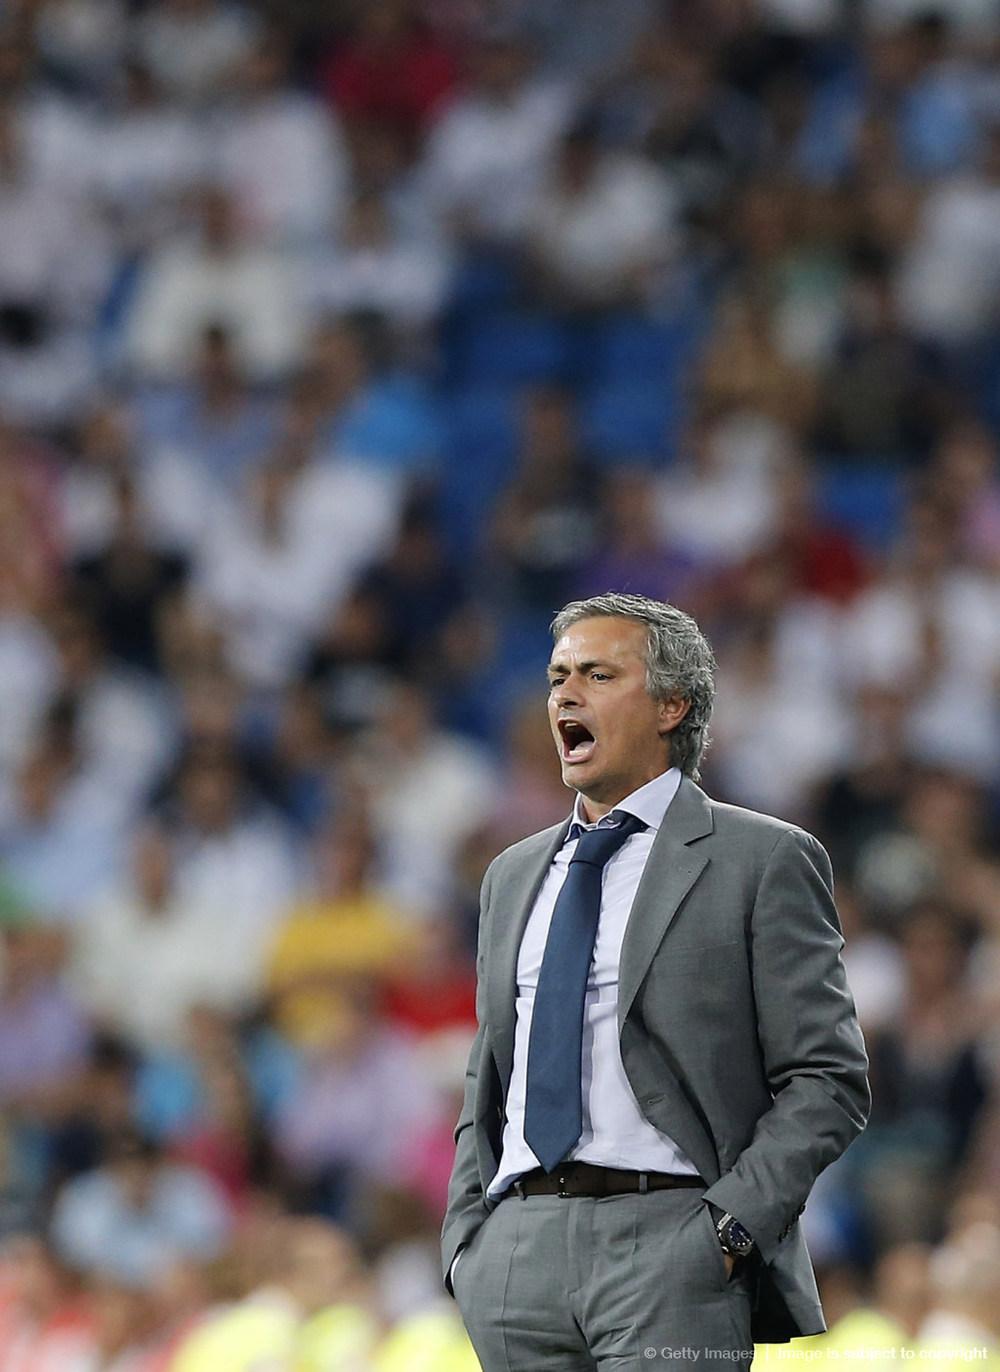 8# José Mourinho. Para muitos o maior técnico dos anos 2000, sendo vencedor no Porto, Chelsea, Inter de Milão e Real Madrid. Seu estilo elegante de se vestir, com belos ternos e combinações só não é mais marcante do que o seu estilo rabugento de dar entrevistas.